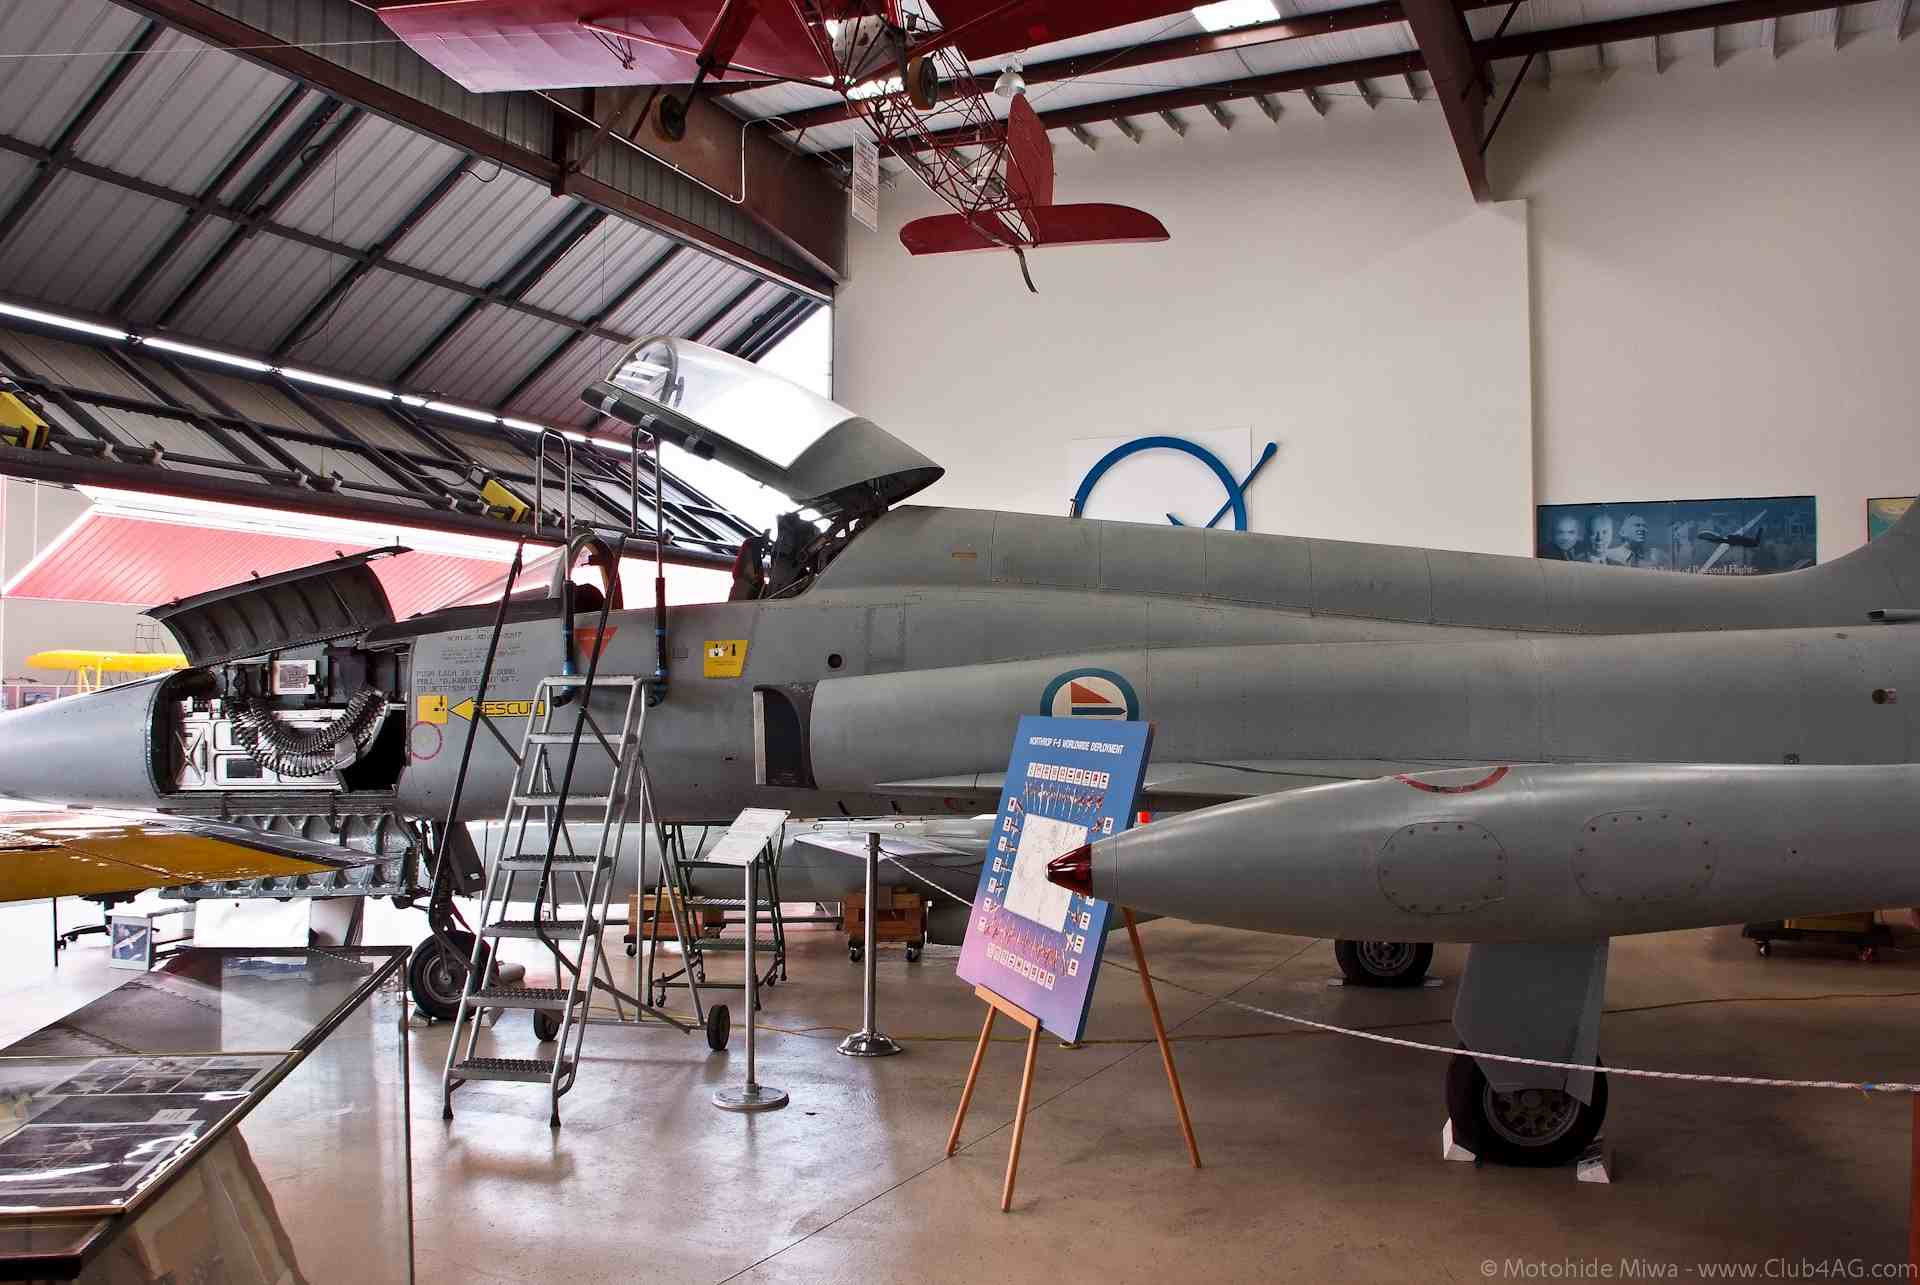 Western Museum of Flight in Torrance